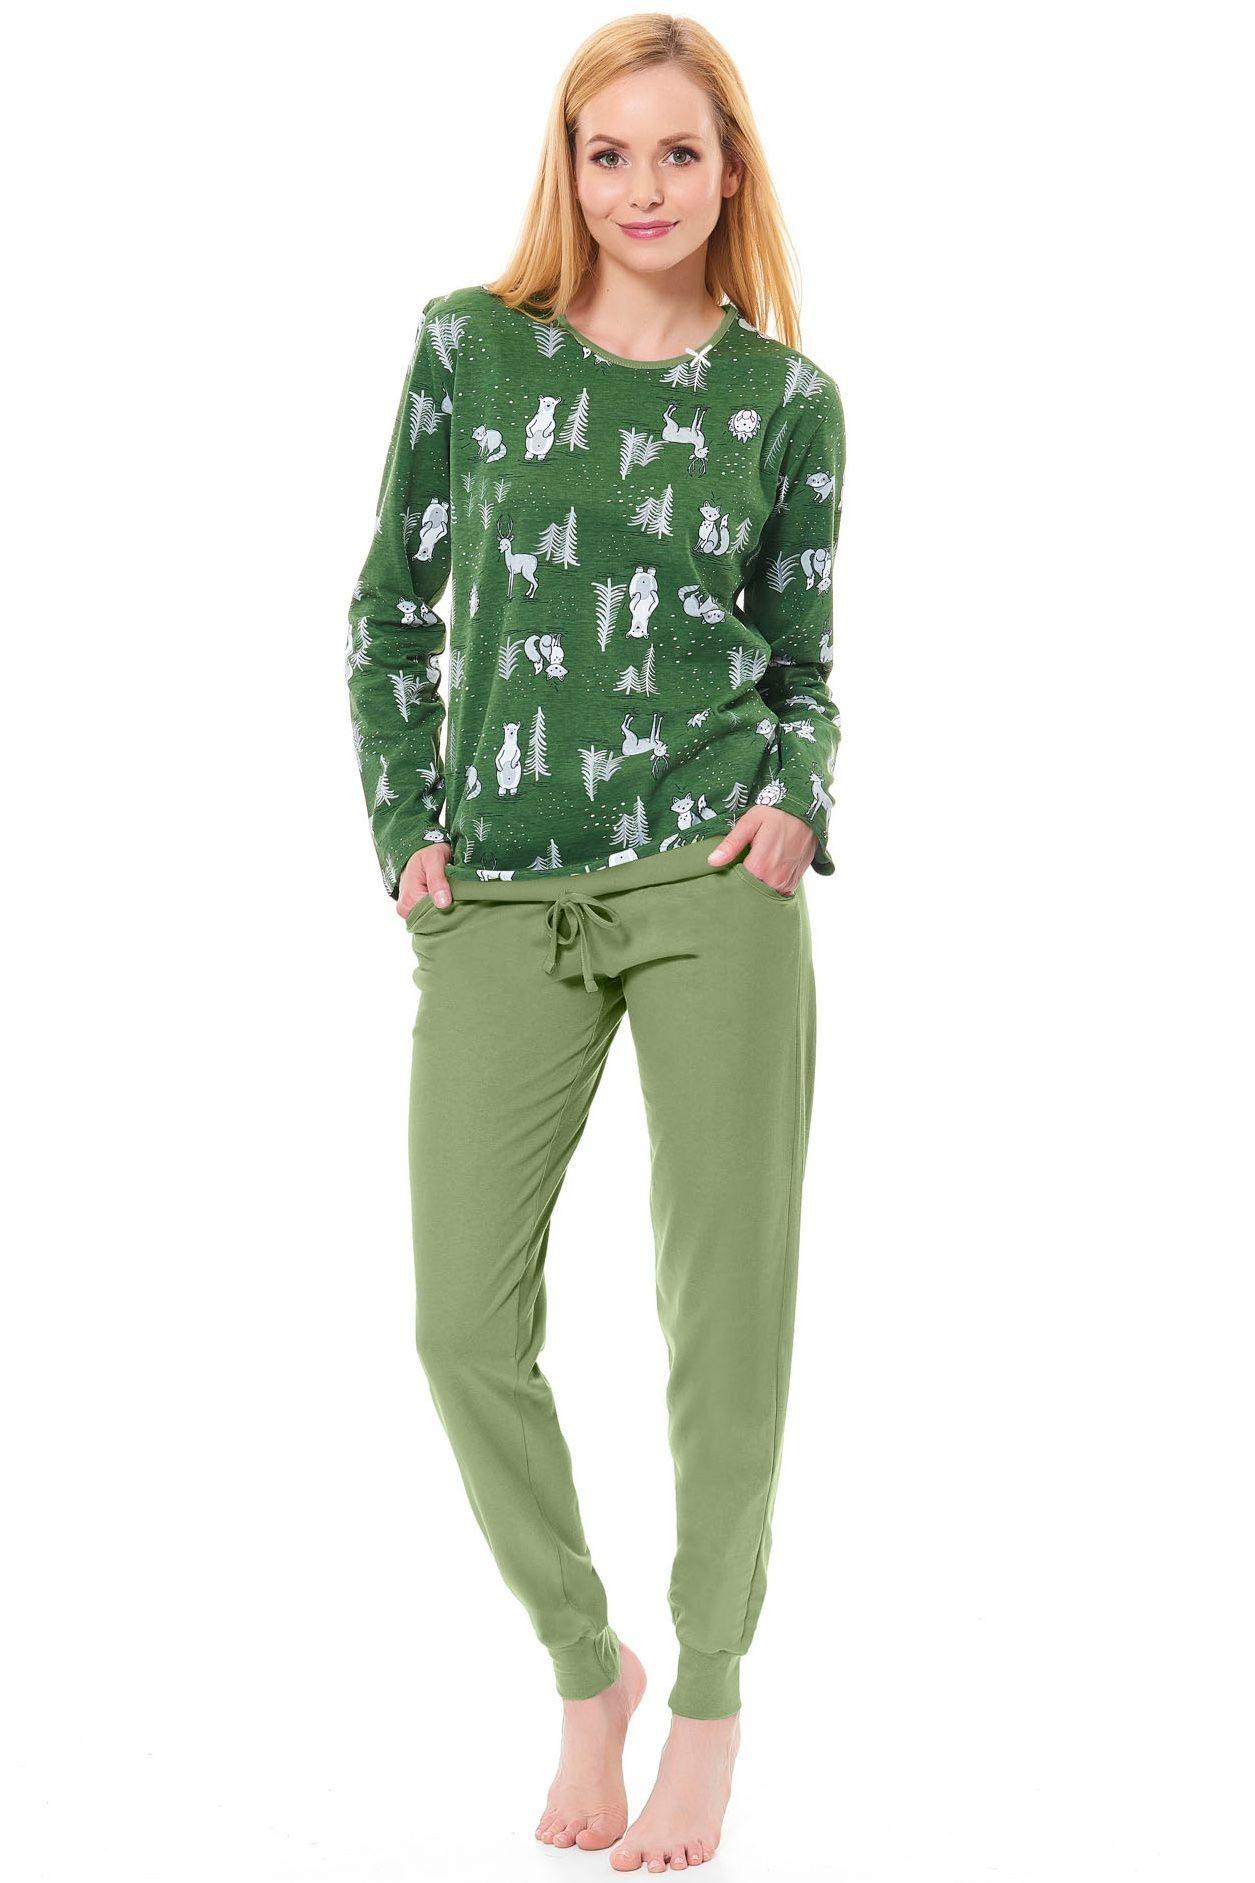 4cdfe342aec6 Dámske zelené pyžamo Funny lesný vzor - ELEGANT.sk